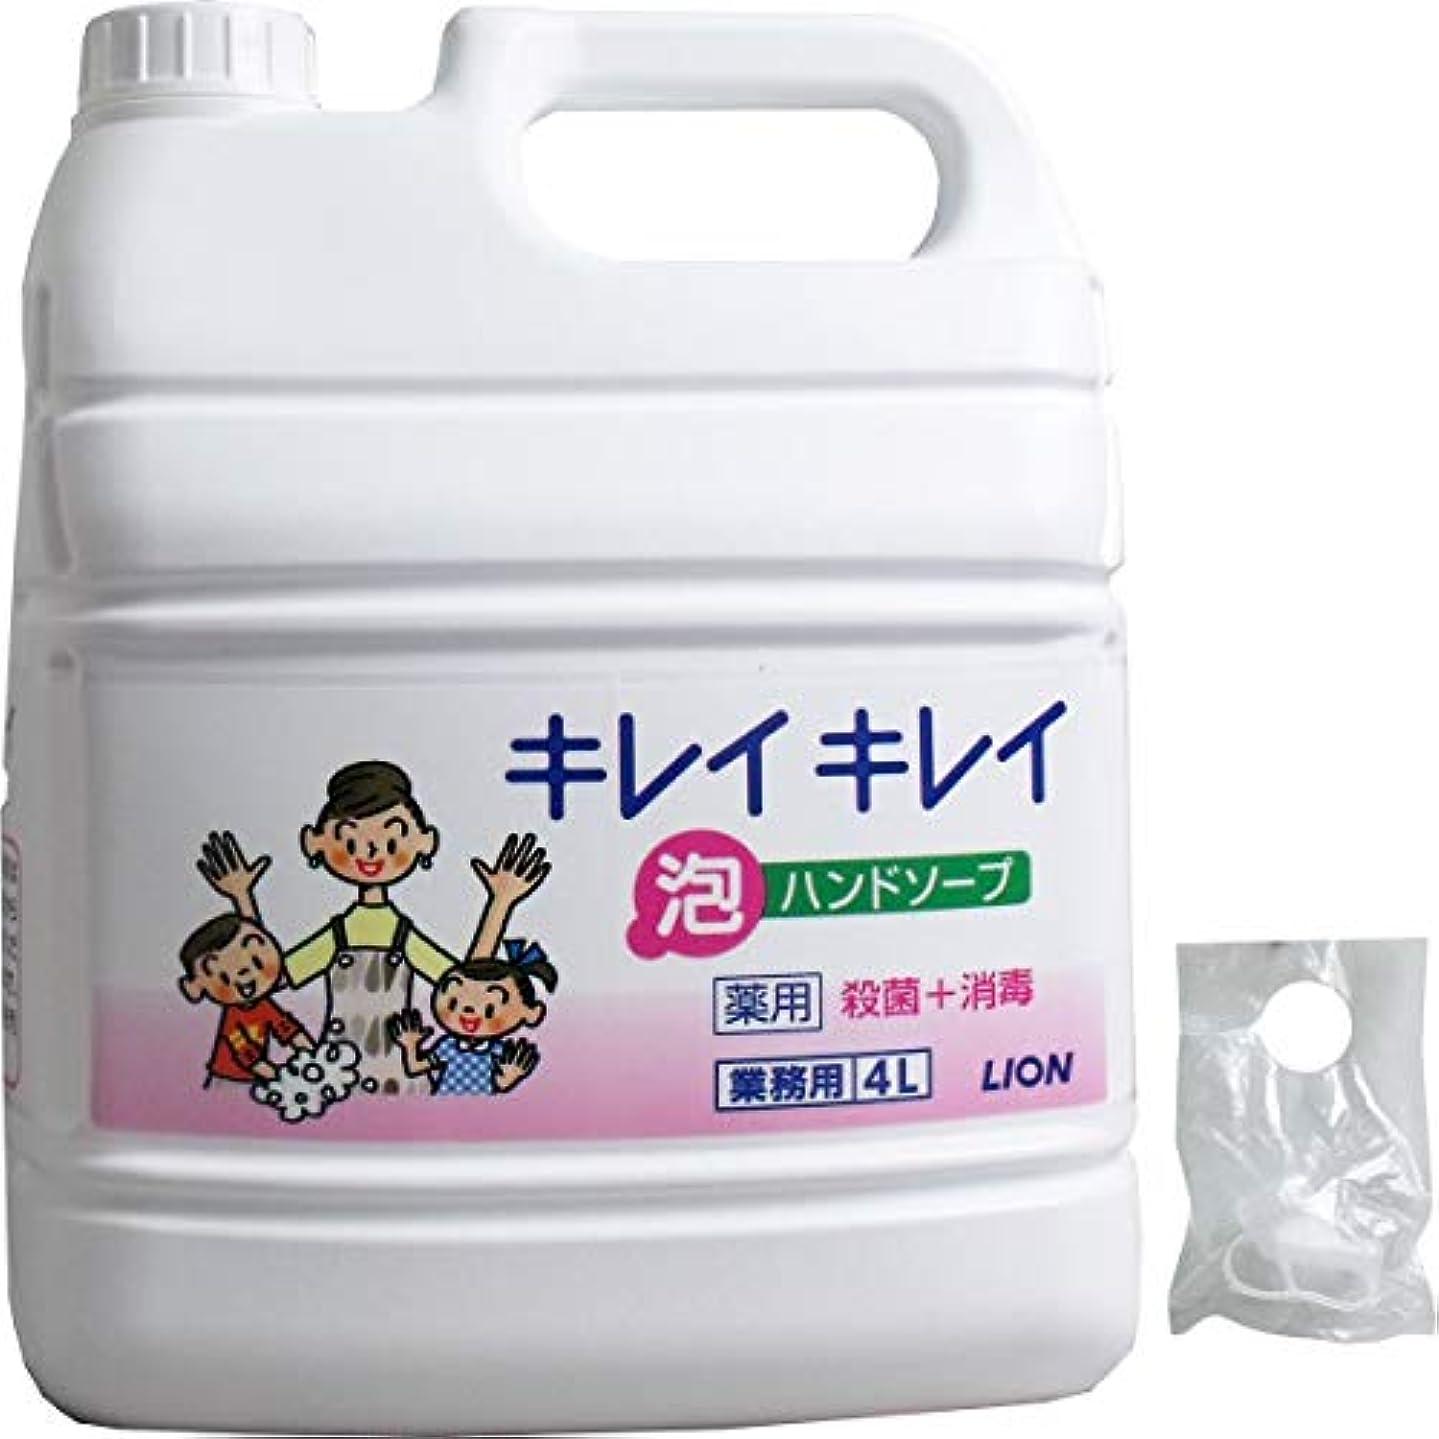 呪われた多様性質量業務用 キレイキレイ 薬用 泡ハンドソープ 4L(単品1個)